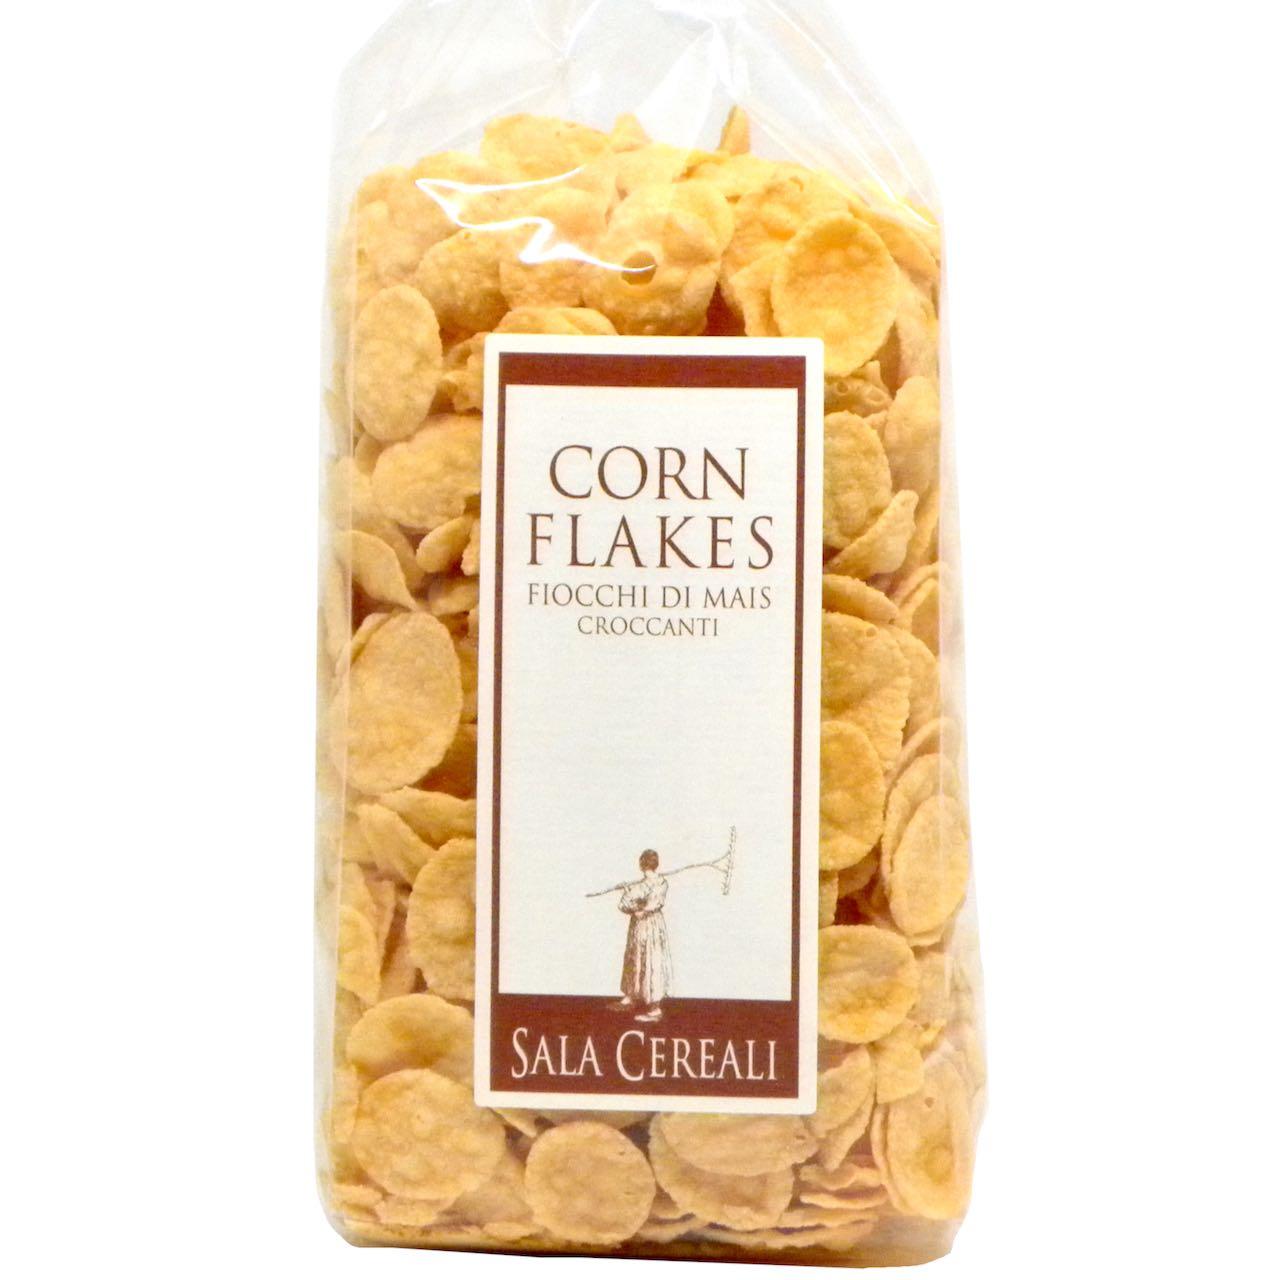 corn flakes Sala Cereali – Gustorotondo – buono sano artigiano